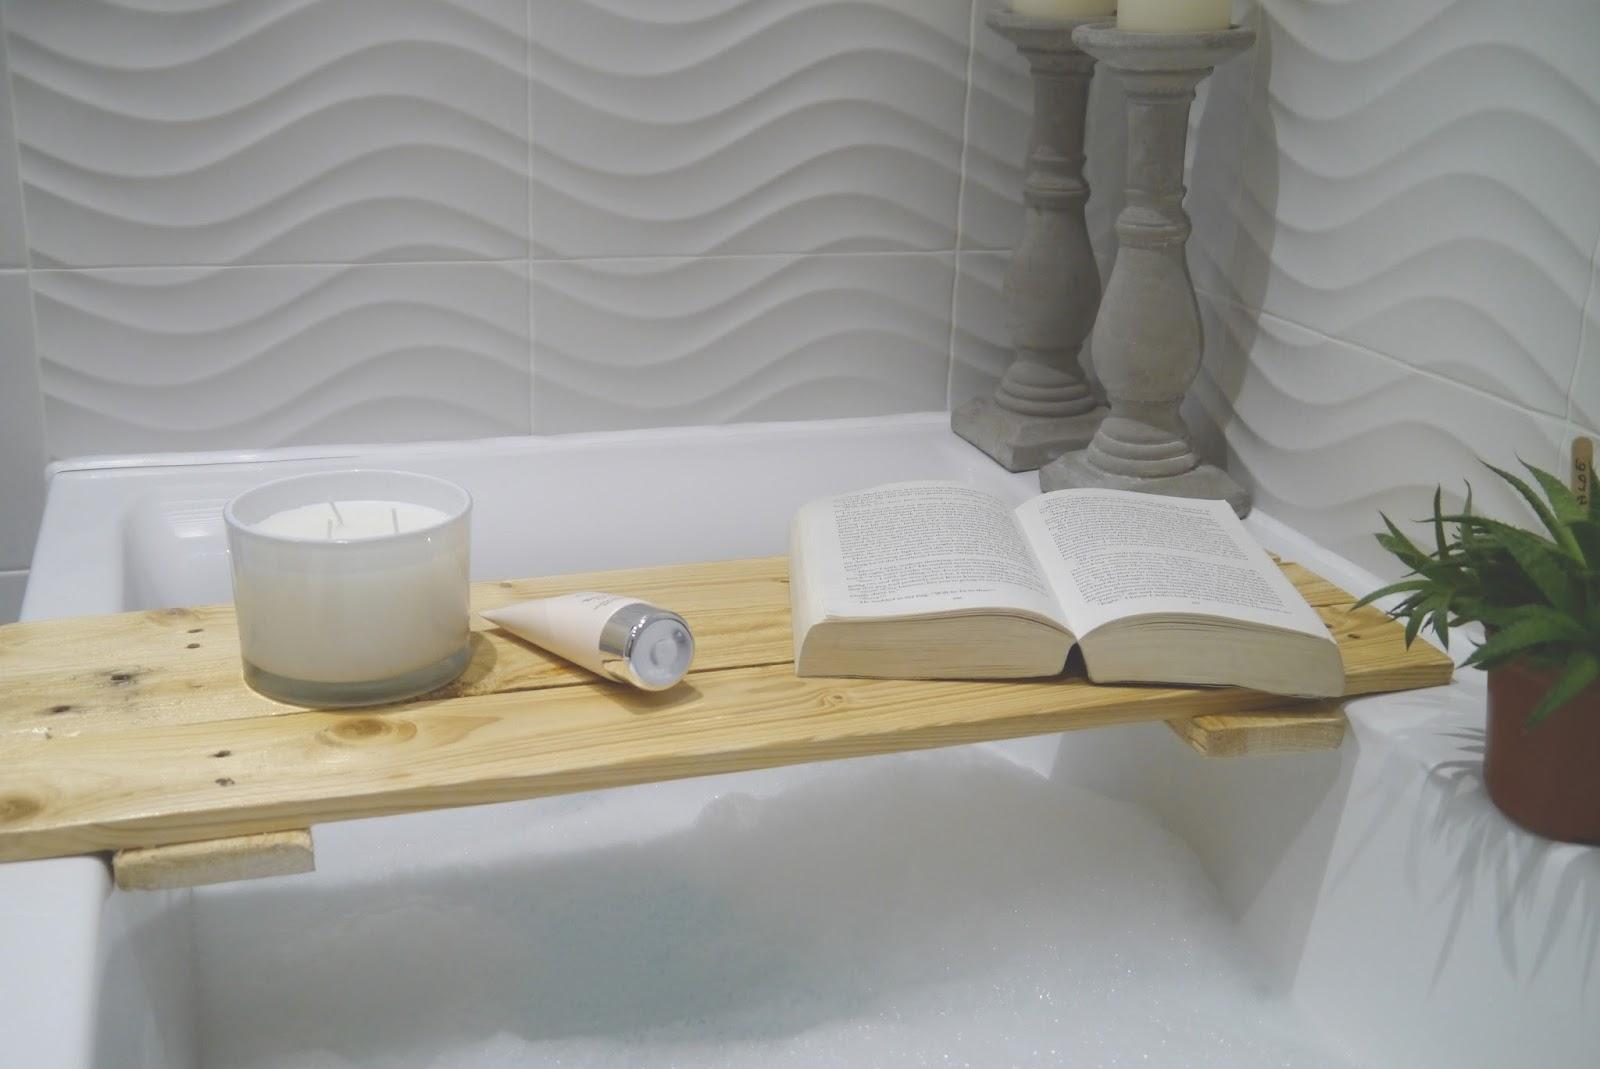 Bathtub Caddy Tray